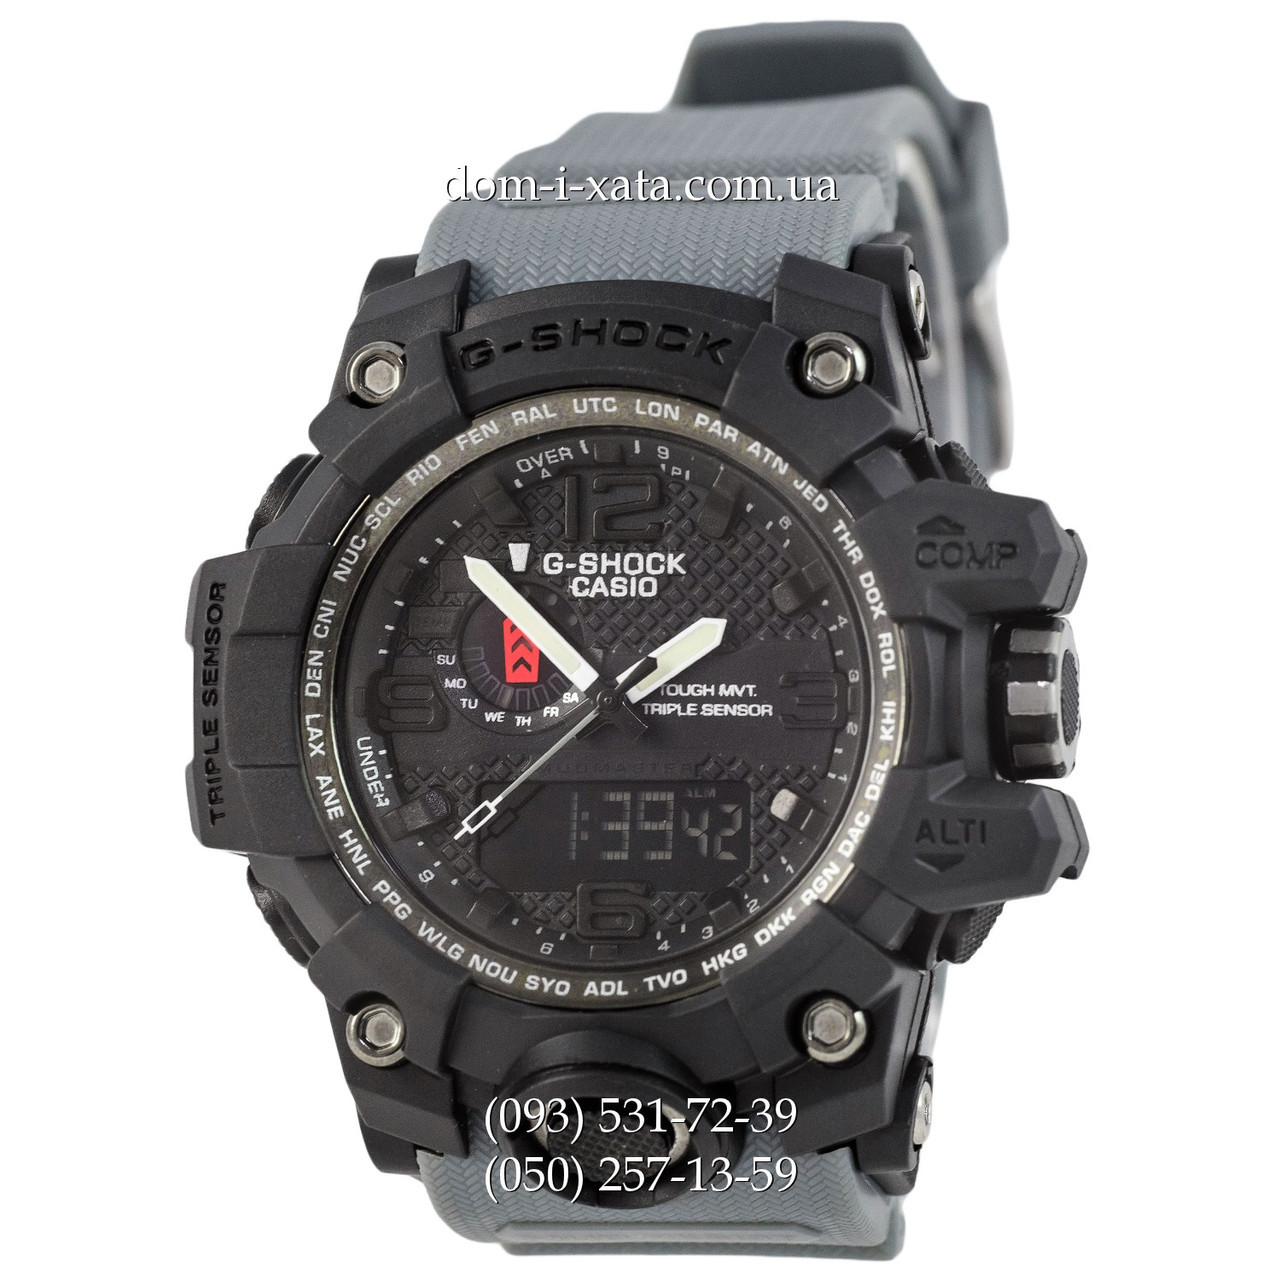 Электронные часы Casio G-Shock GWG-1000 Black-Gray Wristband, спортивные часы Джи Шок черный-серый, реплика отличное качество